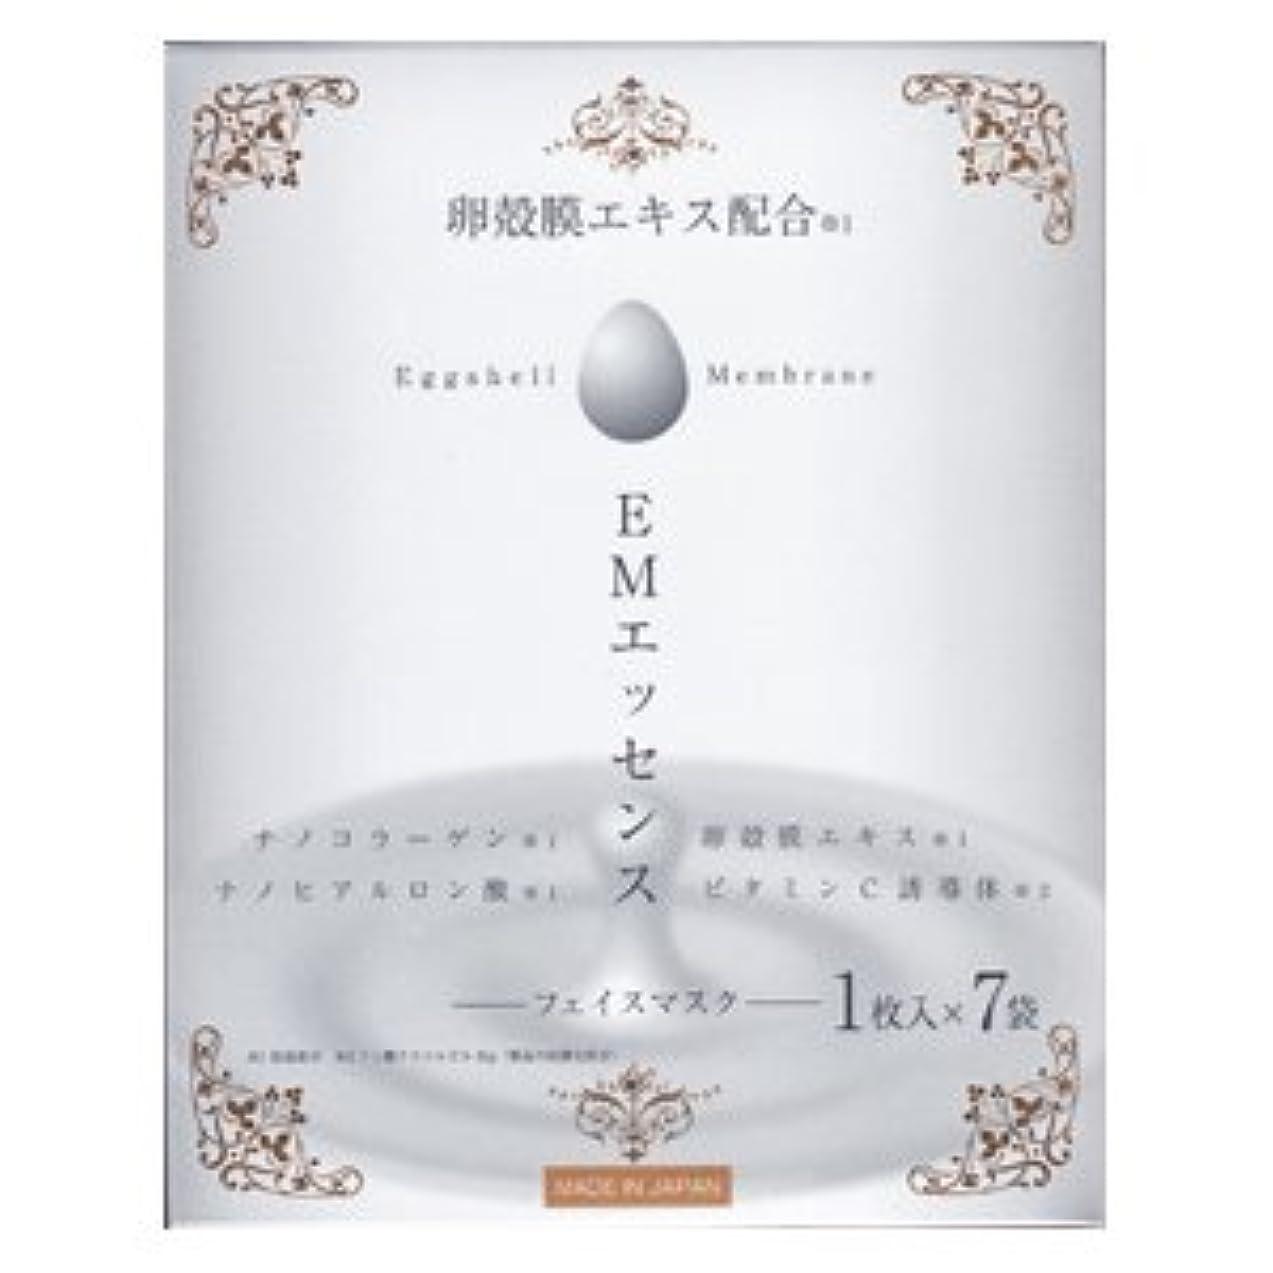 乗って許可責任卵殻膜エキス配合 EMエッセンス フェイスマスク 1枚入×7袋